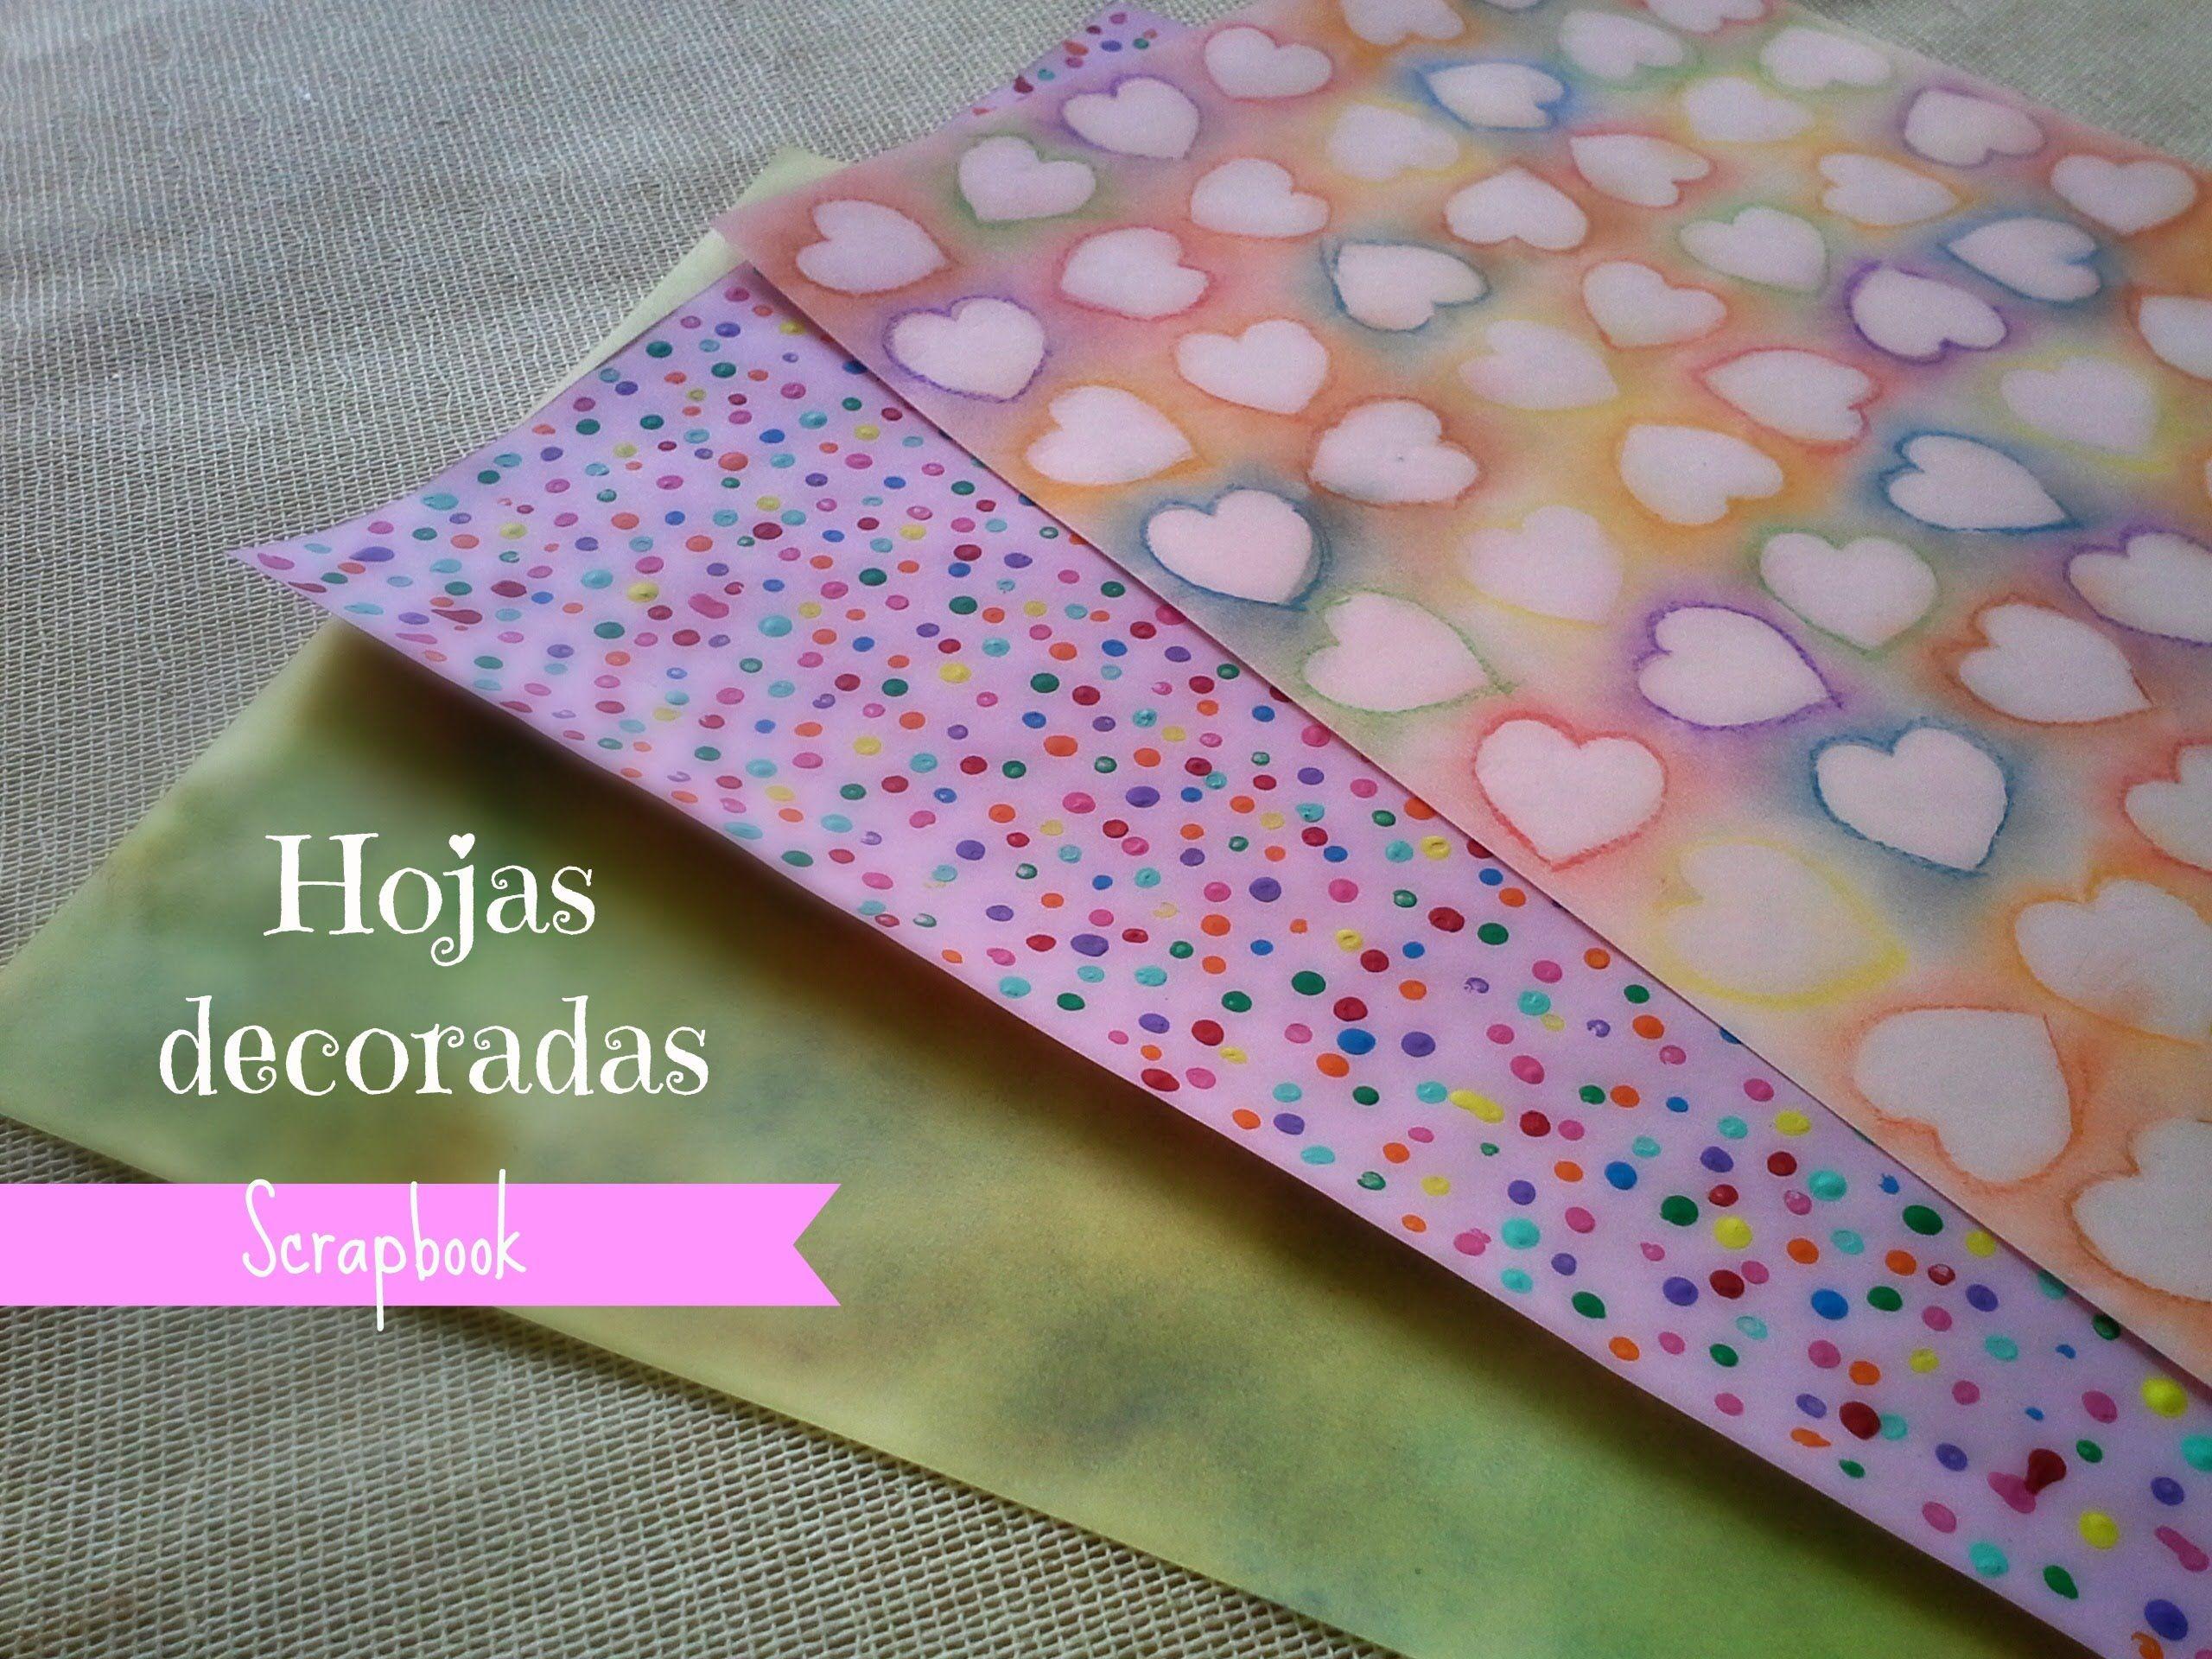 Faire ses propres feuilles d coratives hojas decoradas - Faire ses propres stickers muraux ...